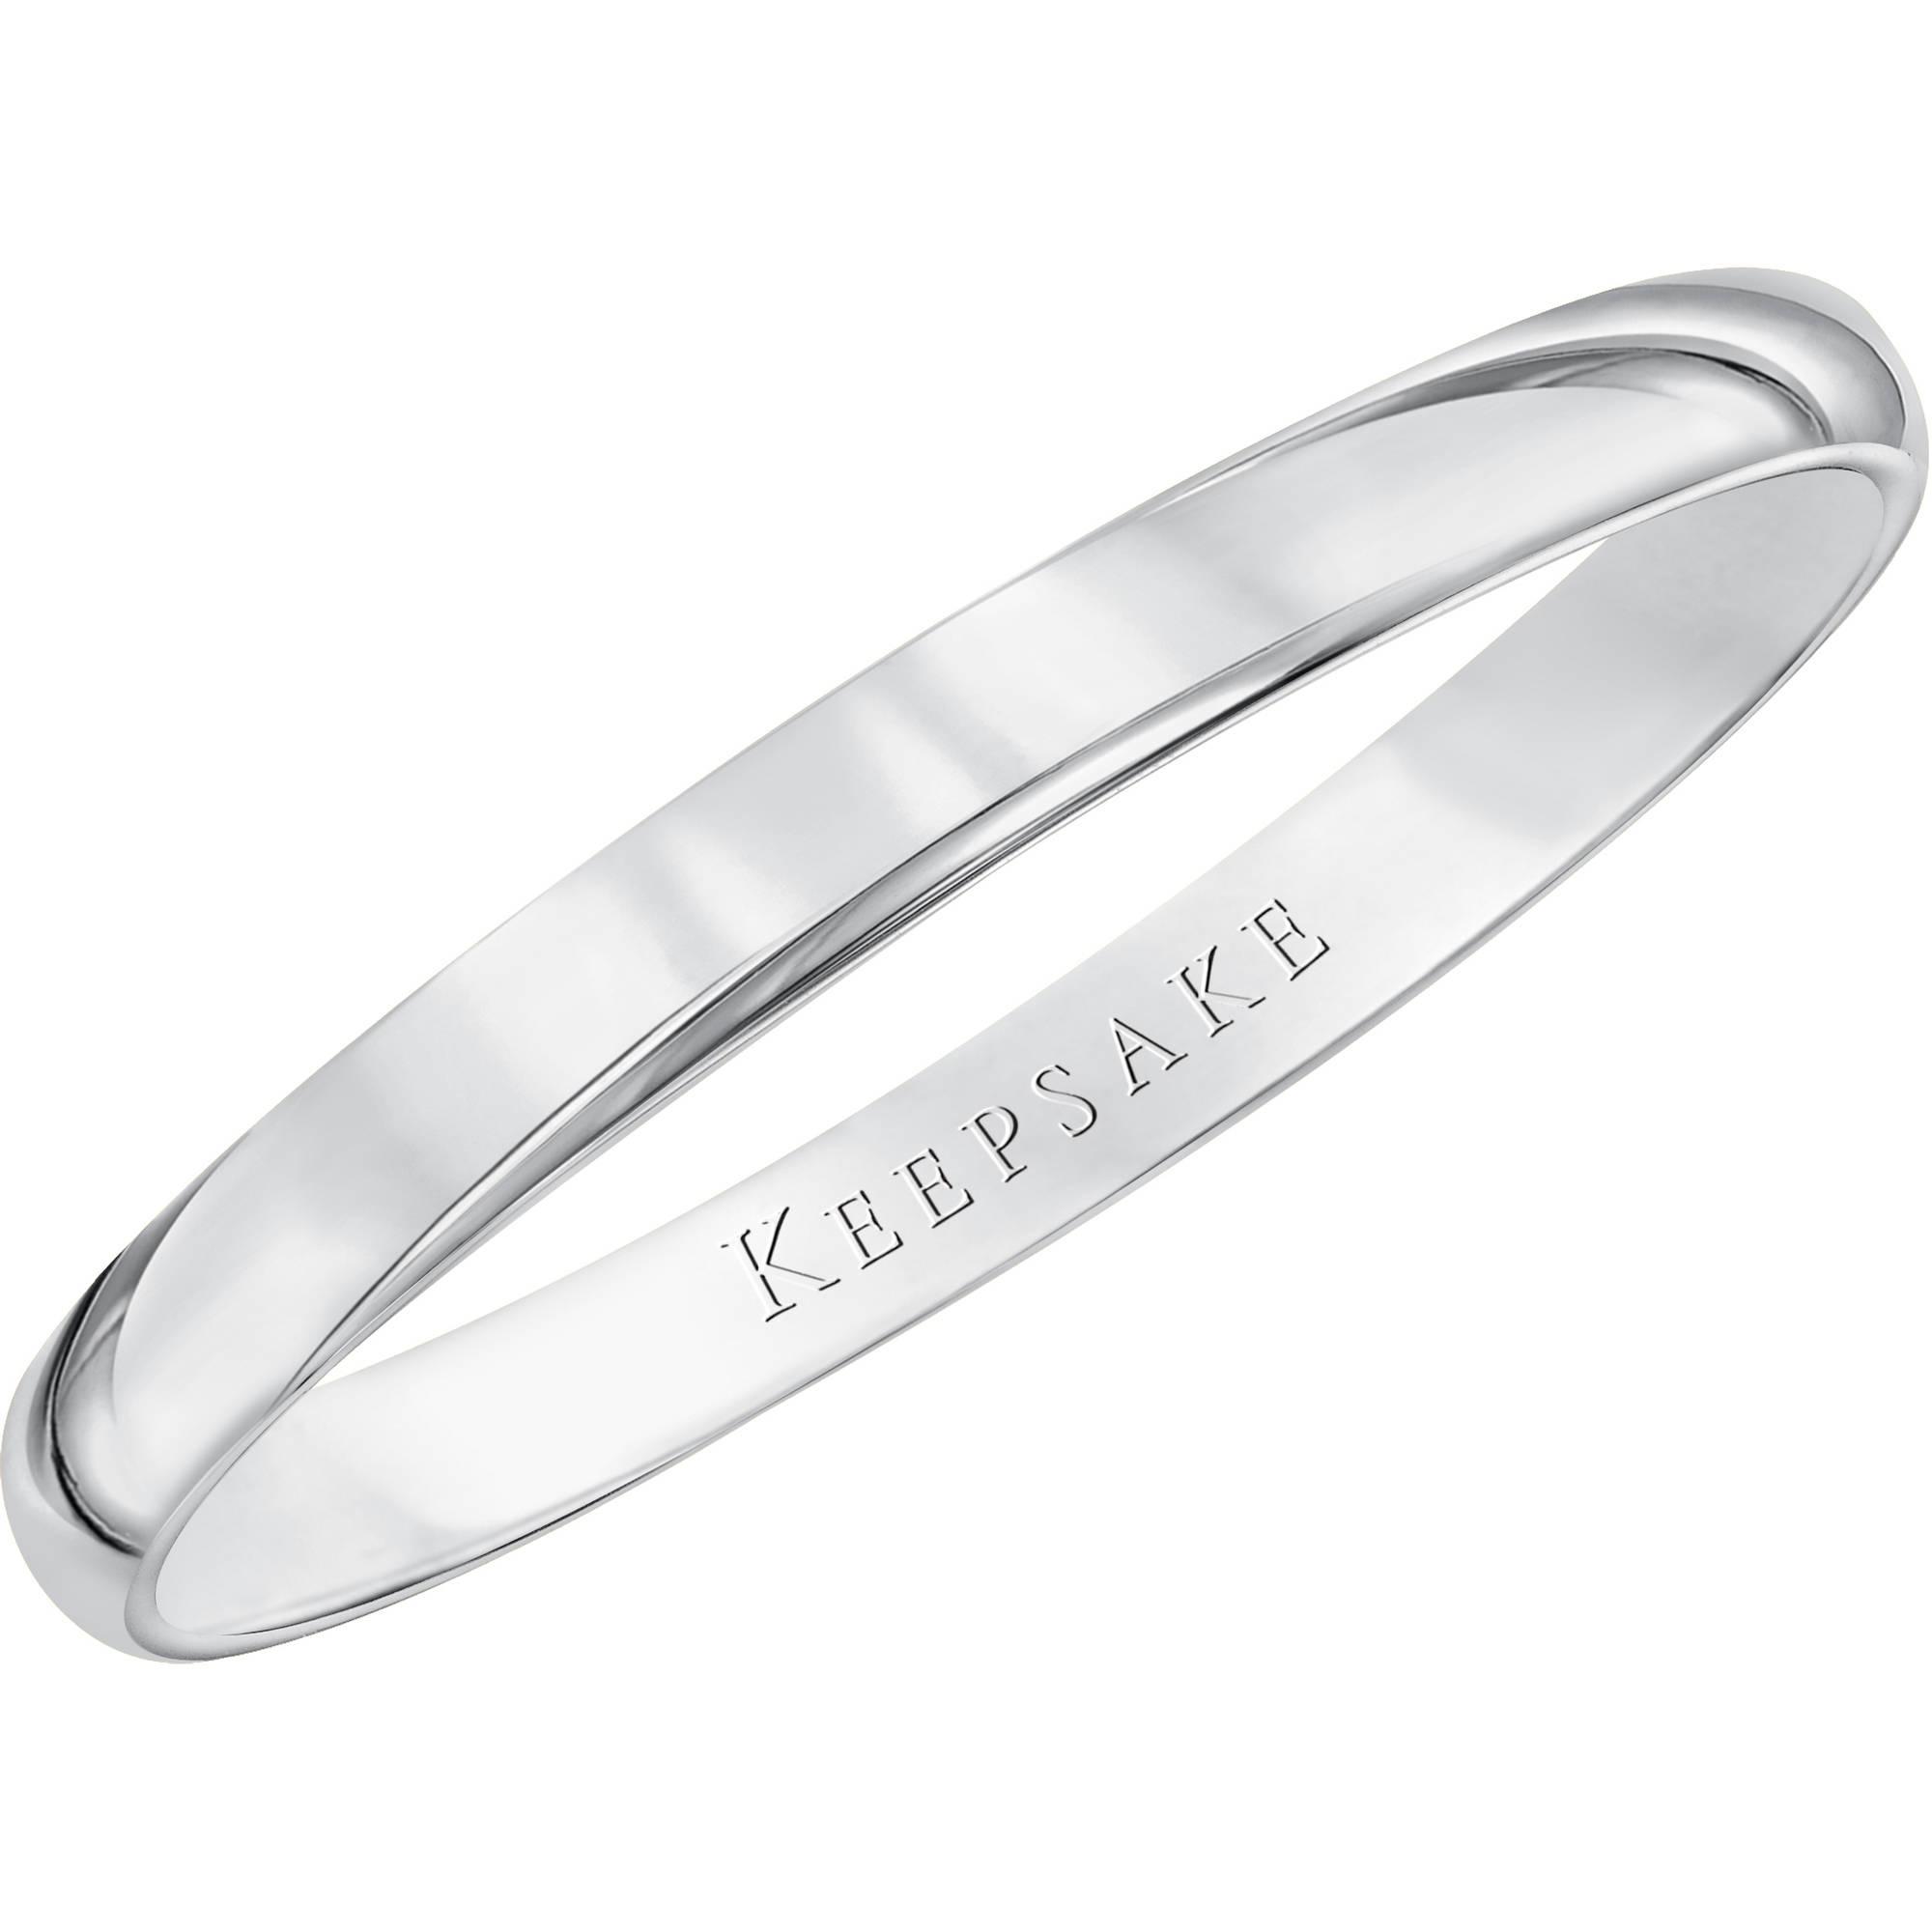 white gold wedding bands keepsake 10kt white gold wedding band with high-polish finish, 2mm jbdgzac